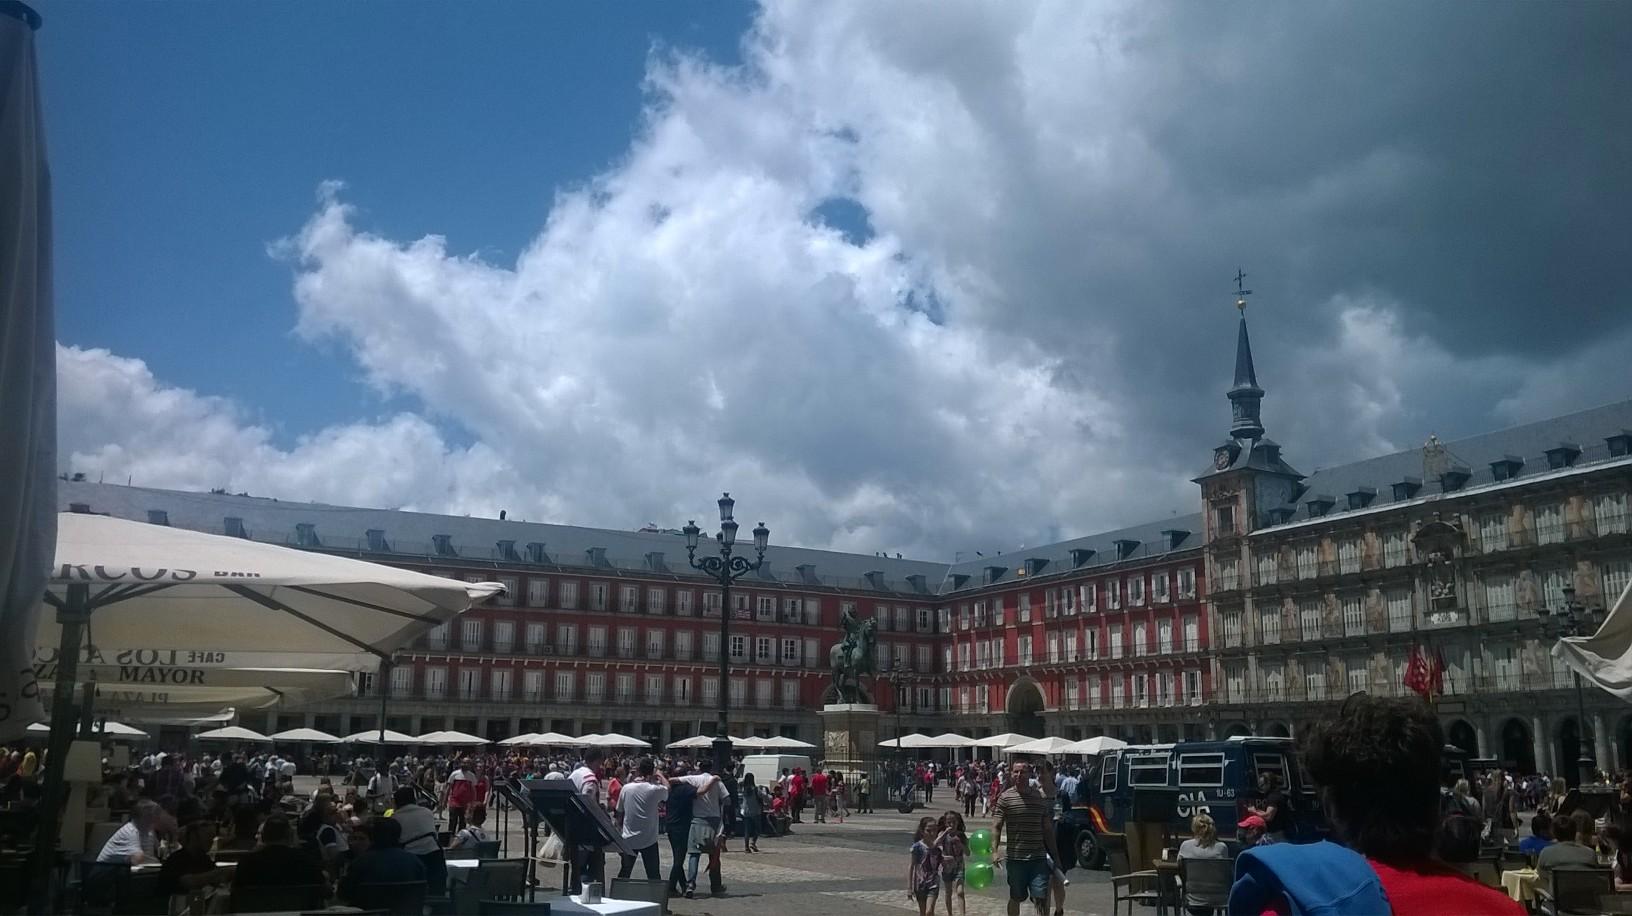 mad-plaza-mayor-from-c-atocha-may16